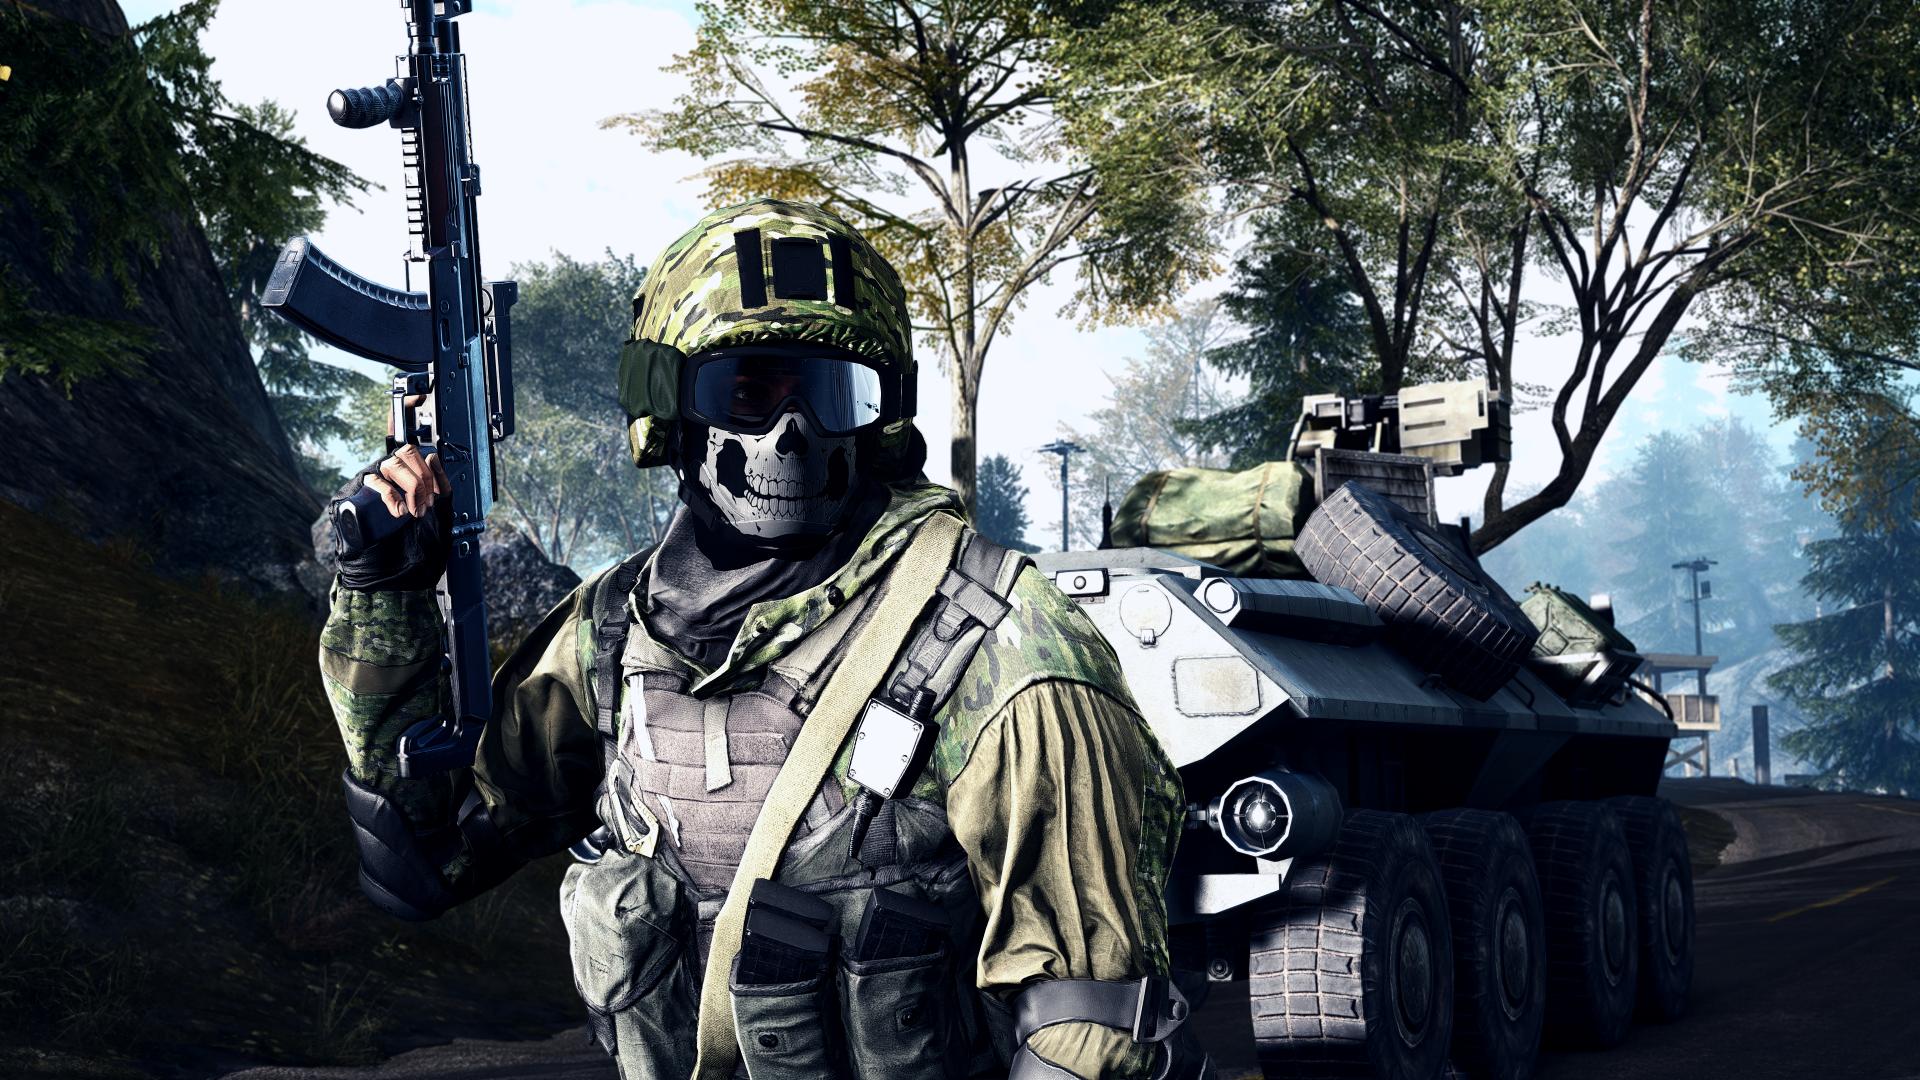 Cool Battlefield 4 Fire Armor In Black Background: Battlefield 4 8k Ultra HD Wallpaper